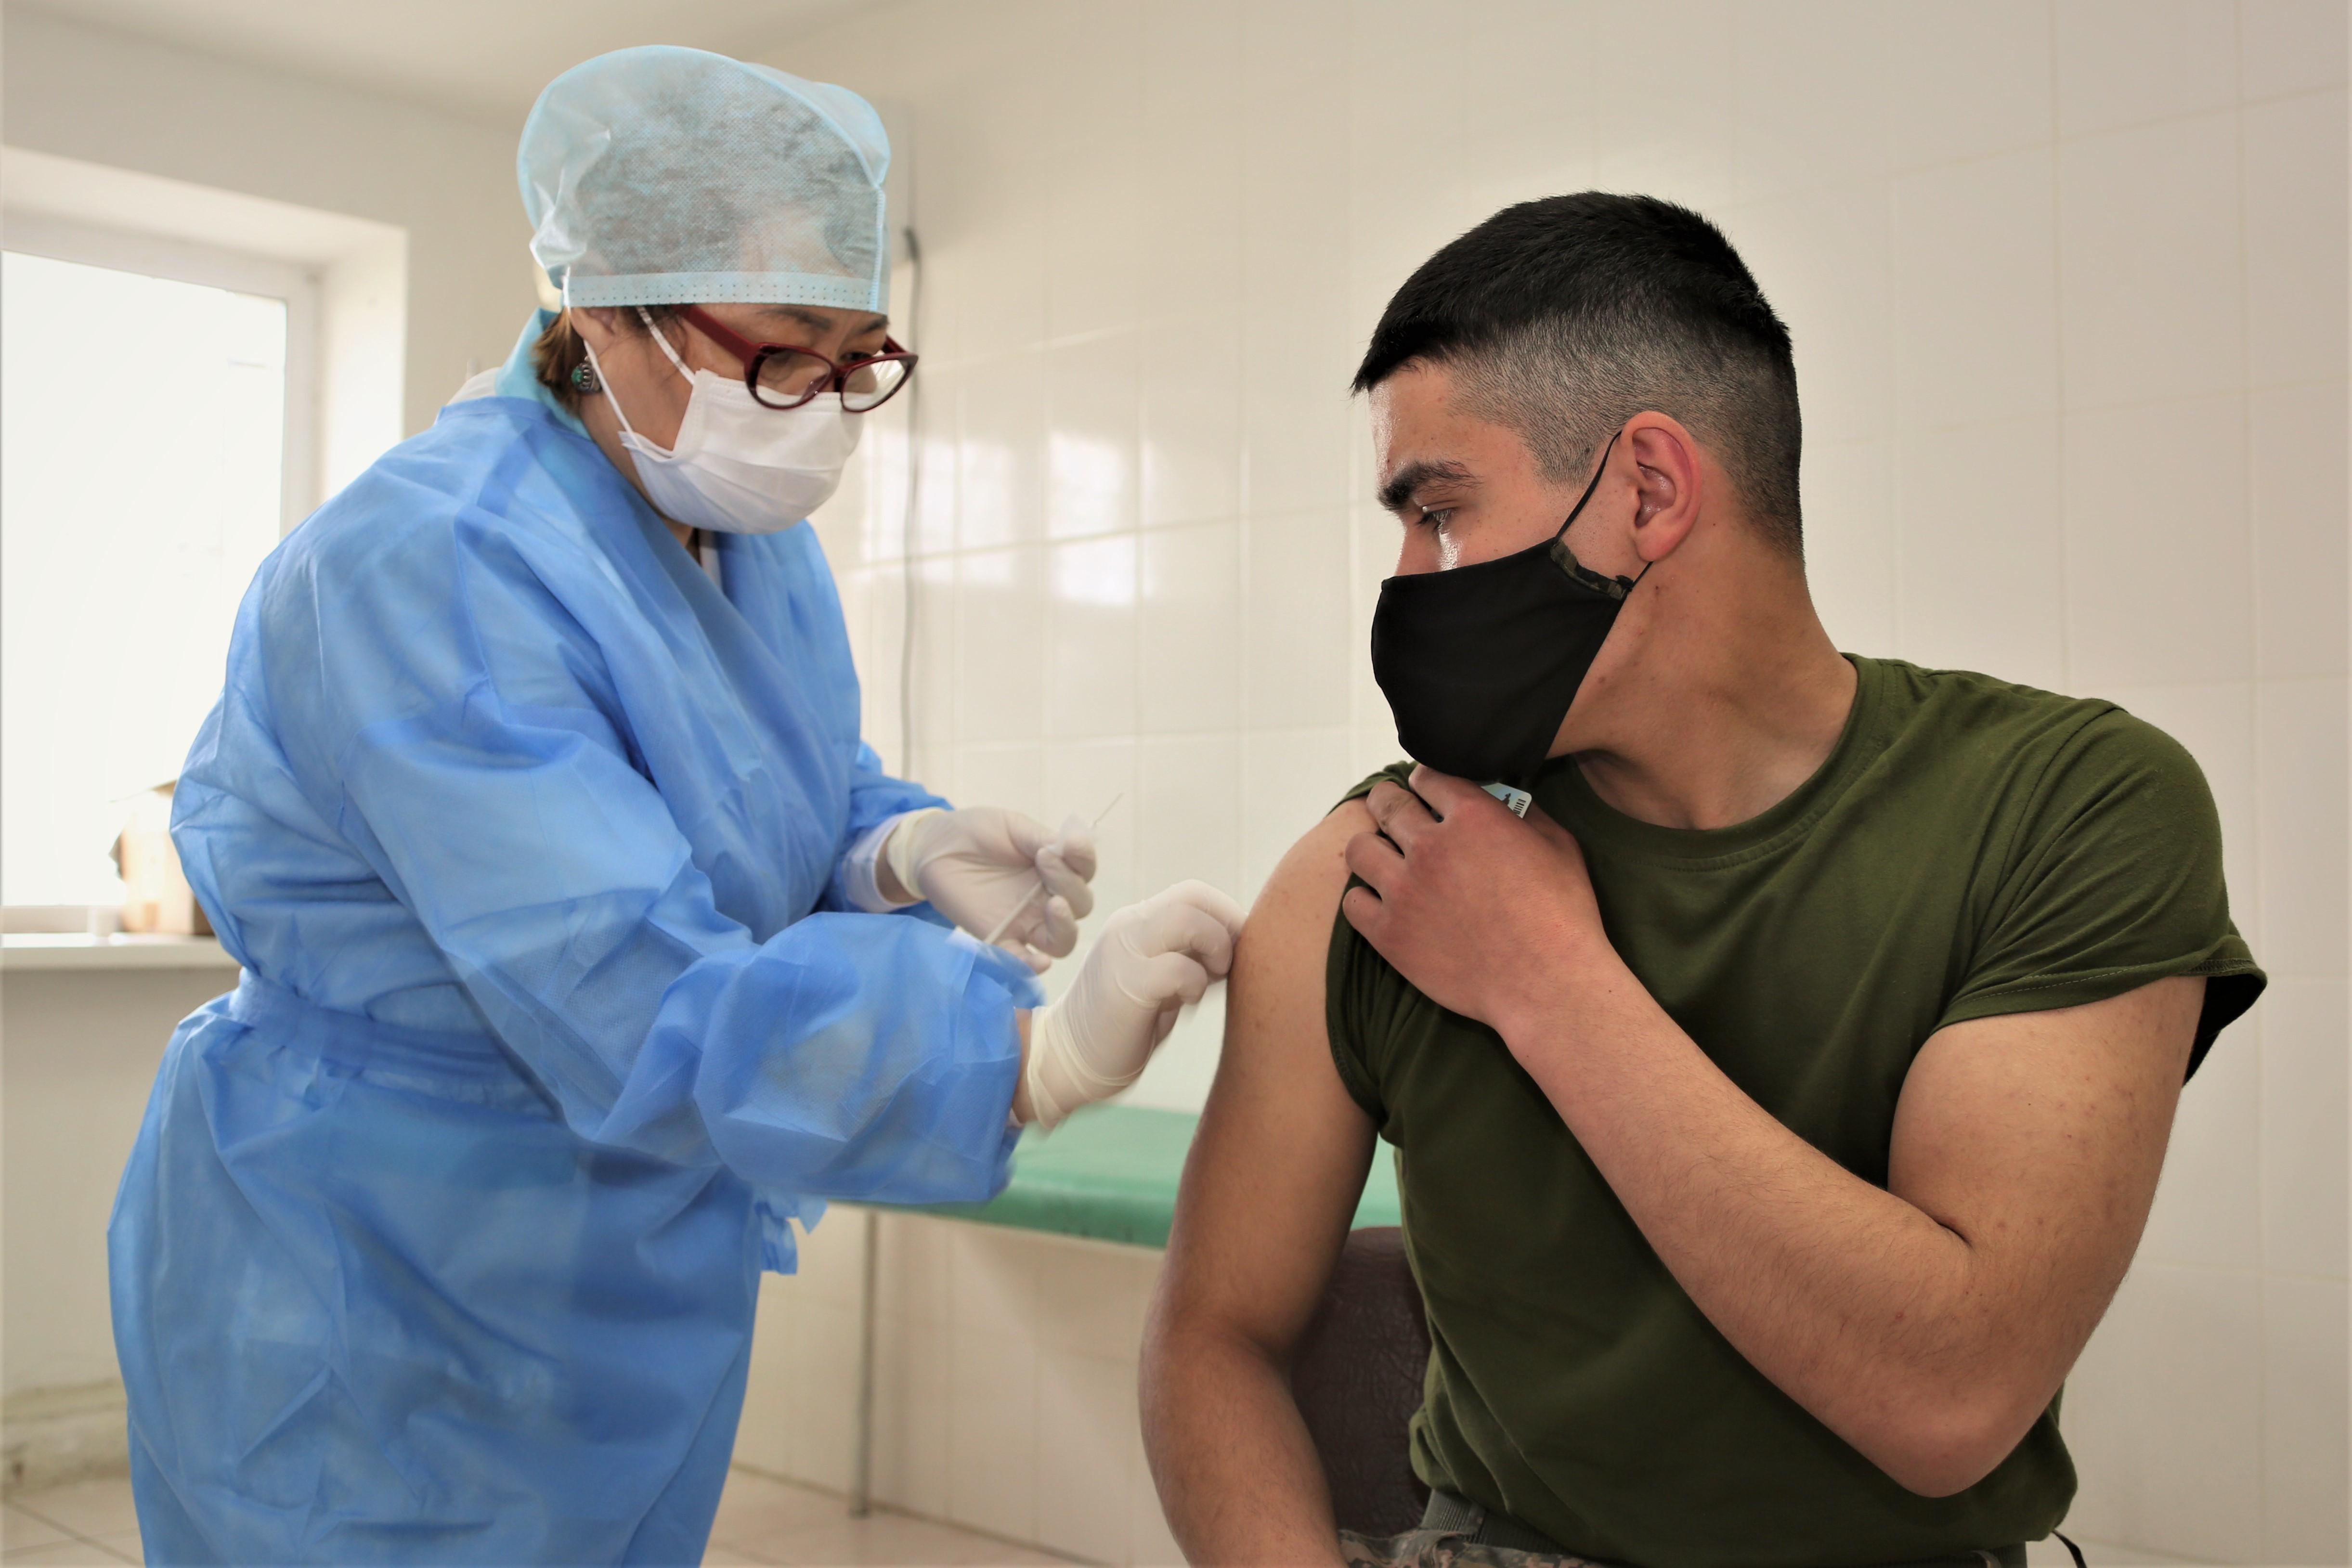 В Вооруженных Силах не вакцинированы лишь имеющие медицинские противопоказания